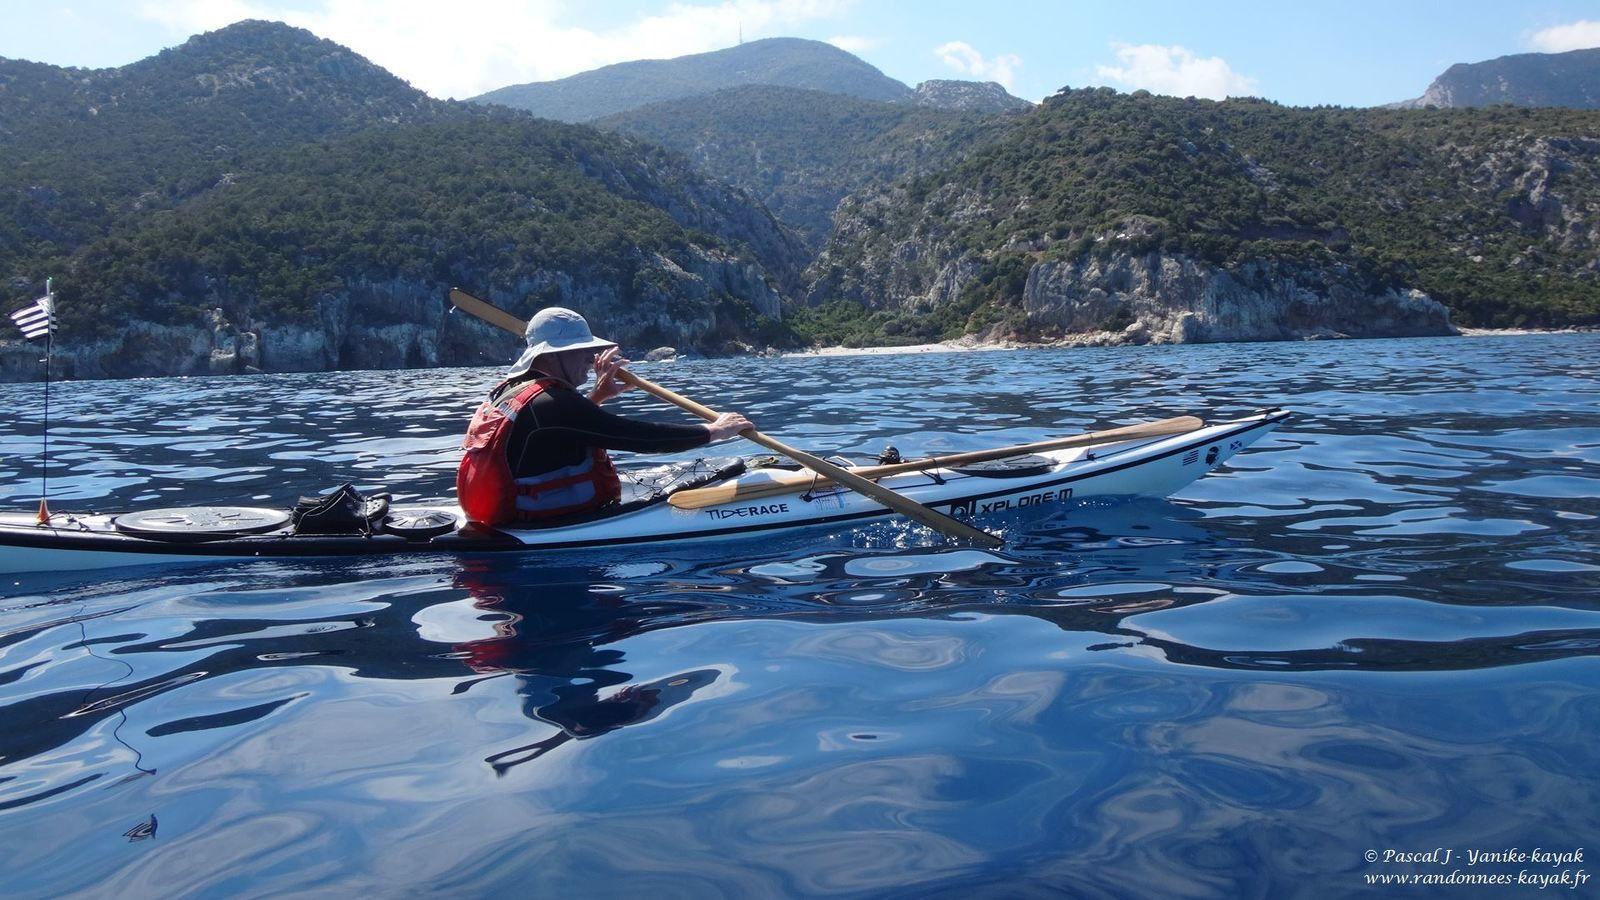 Sardegna 2019, una nuova avventura - Chapitre 3 : à la découverte des merveilles du Golfe d'Orosei (3)